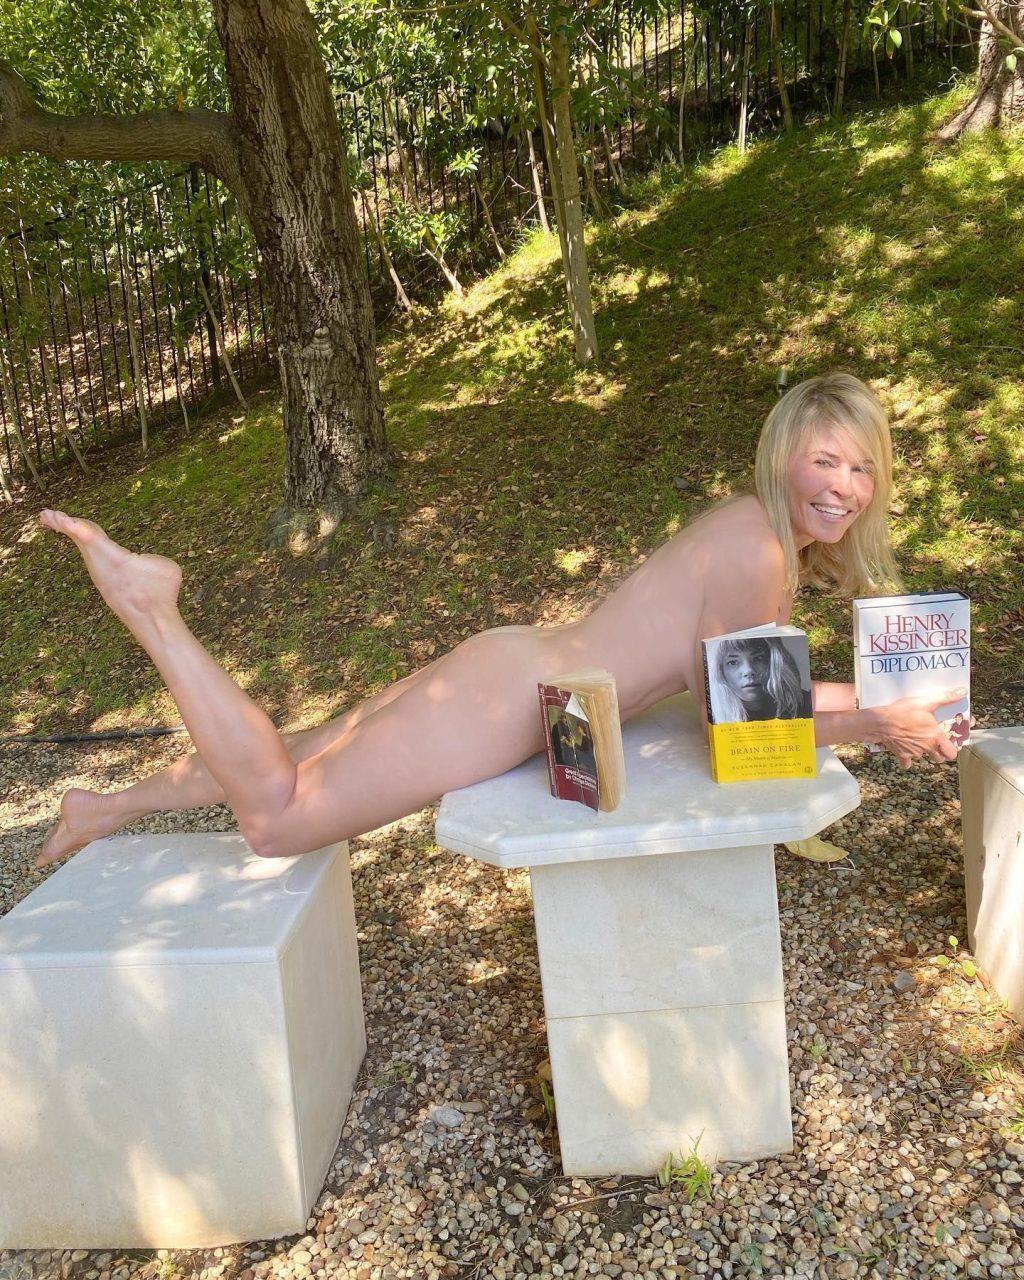 Chelsea Handler Nude (2 Hot Photos)